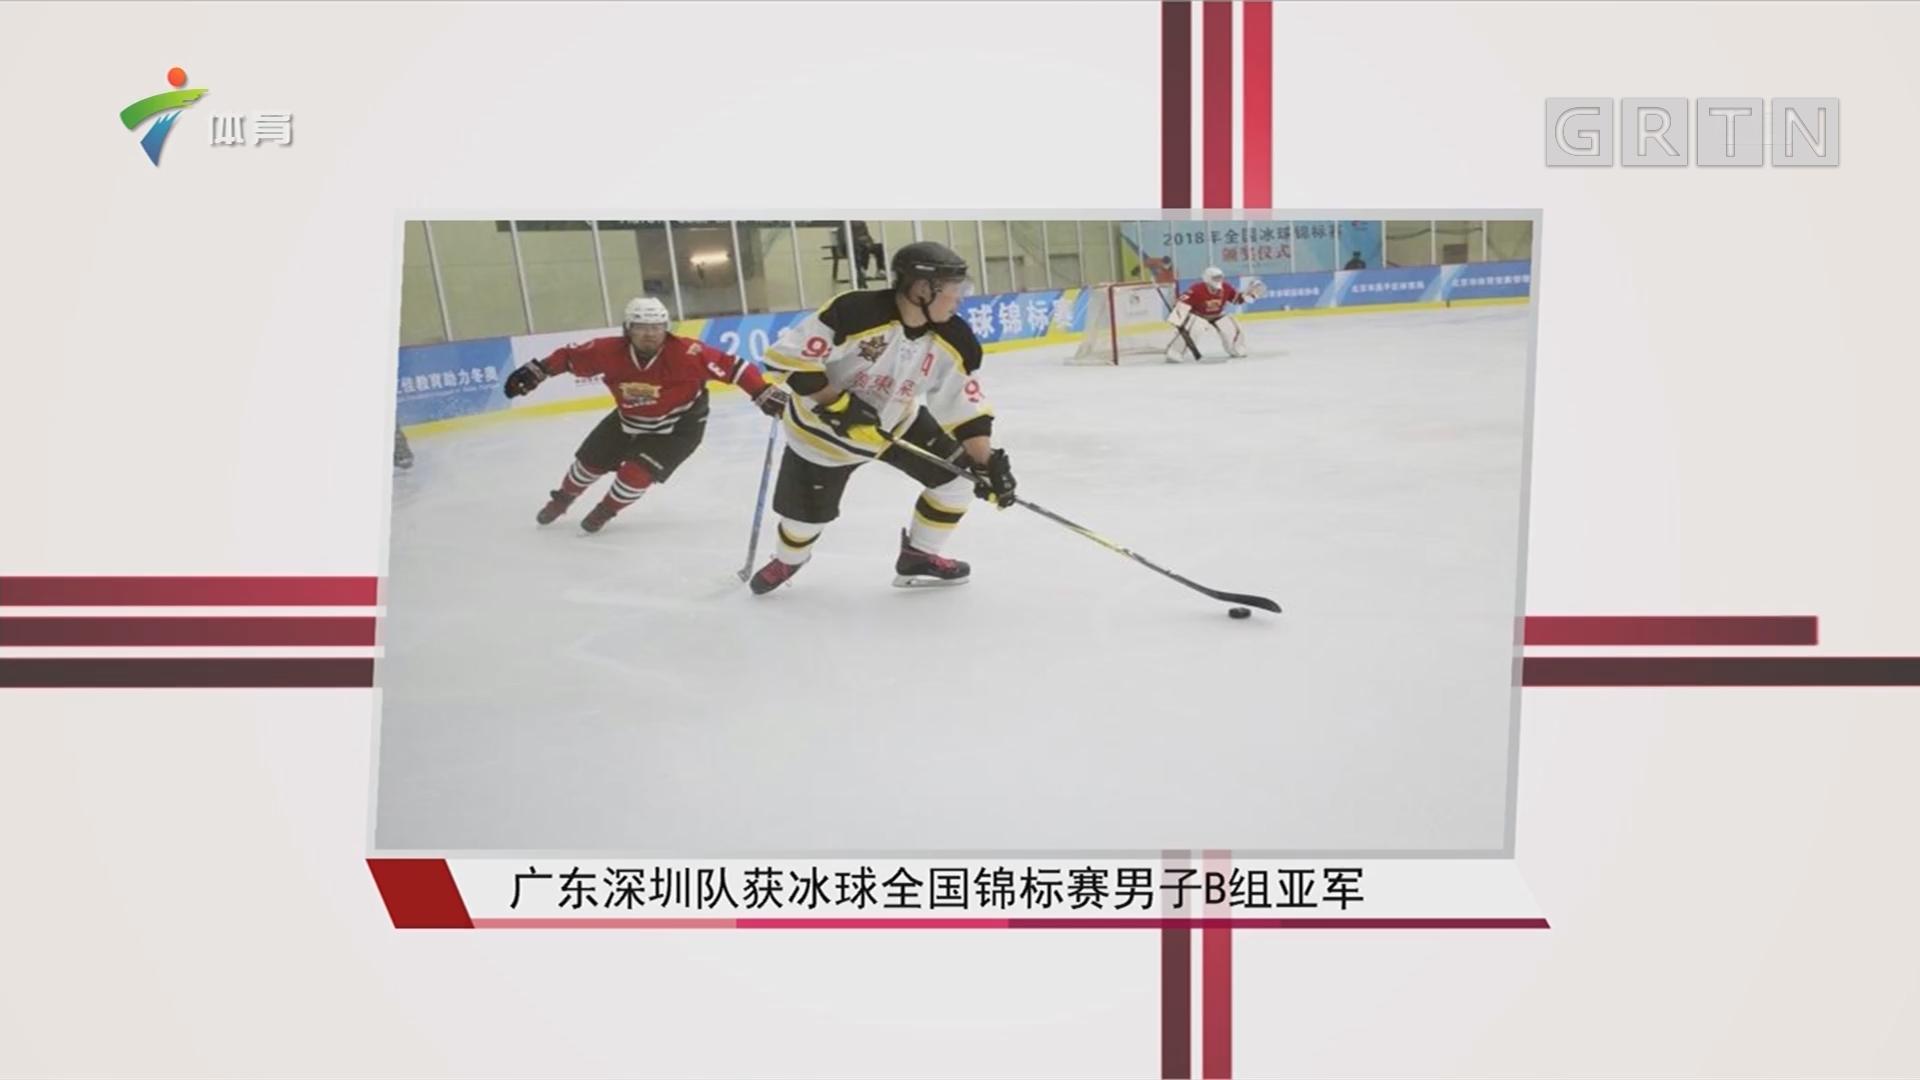 广东深圳队获冰球全国锦标赛男子B组亚军